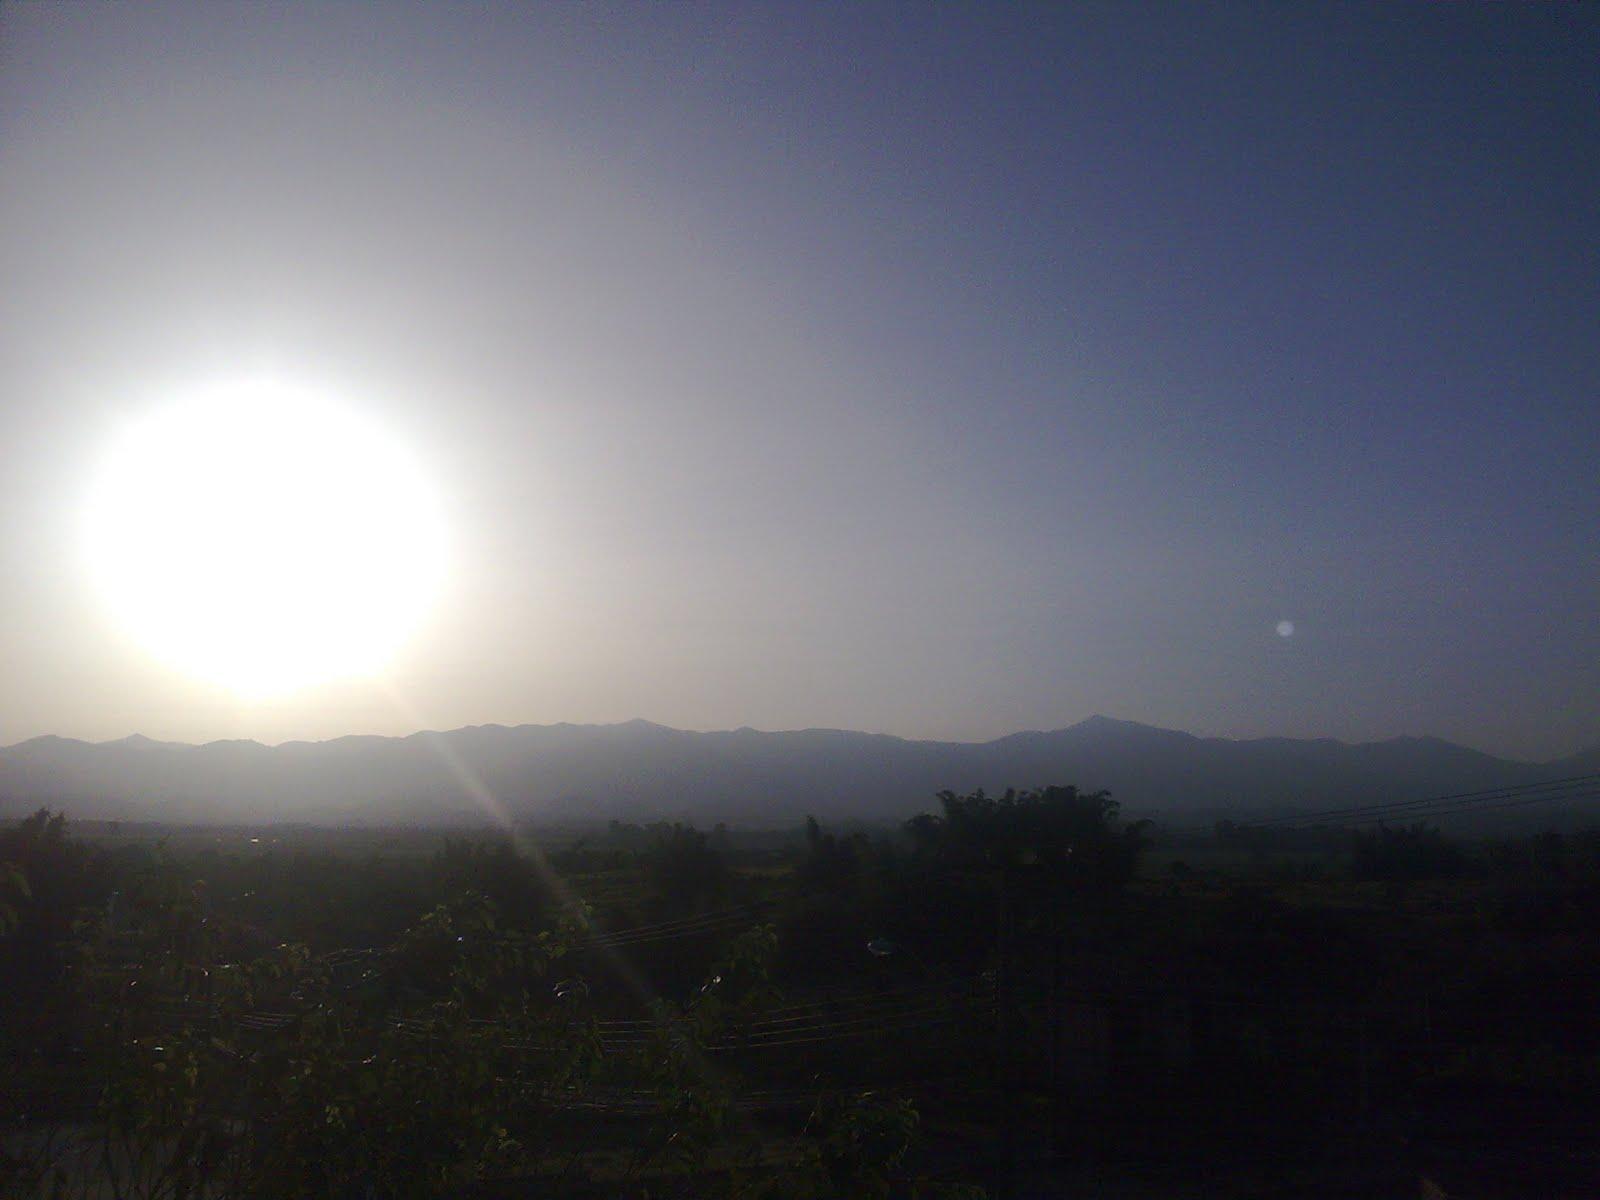 Observar a paisagem da minha casa é maravilhoso  #404965 1600 1200